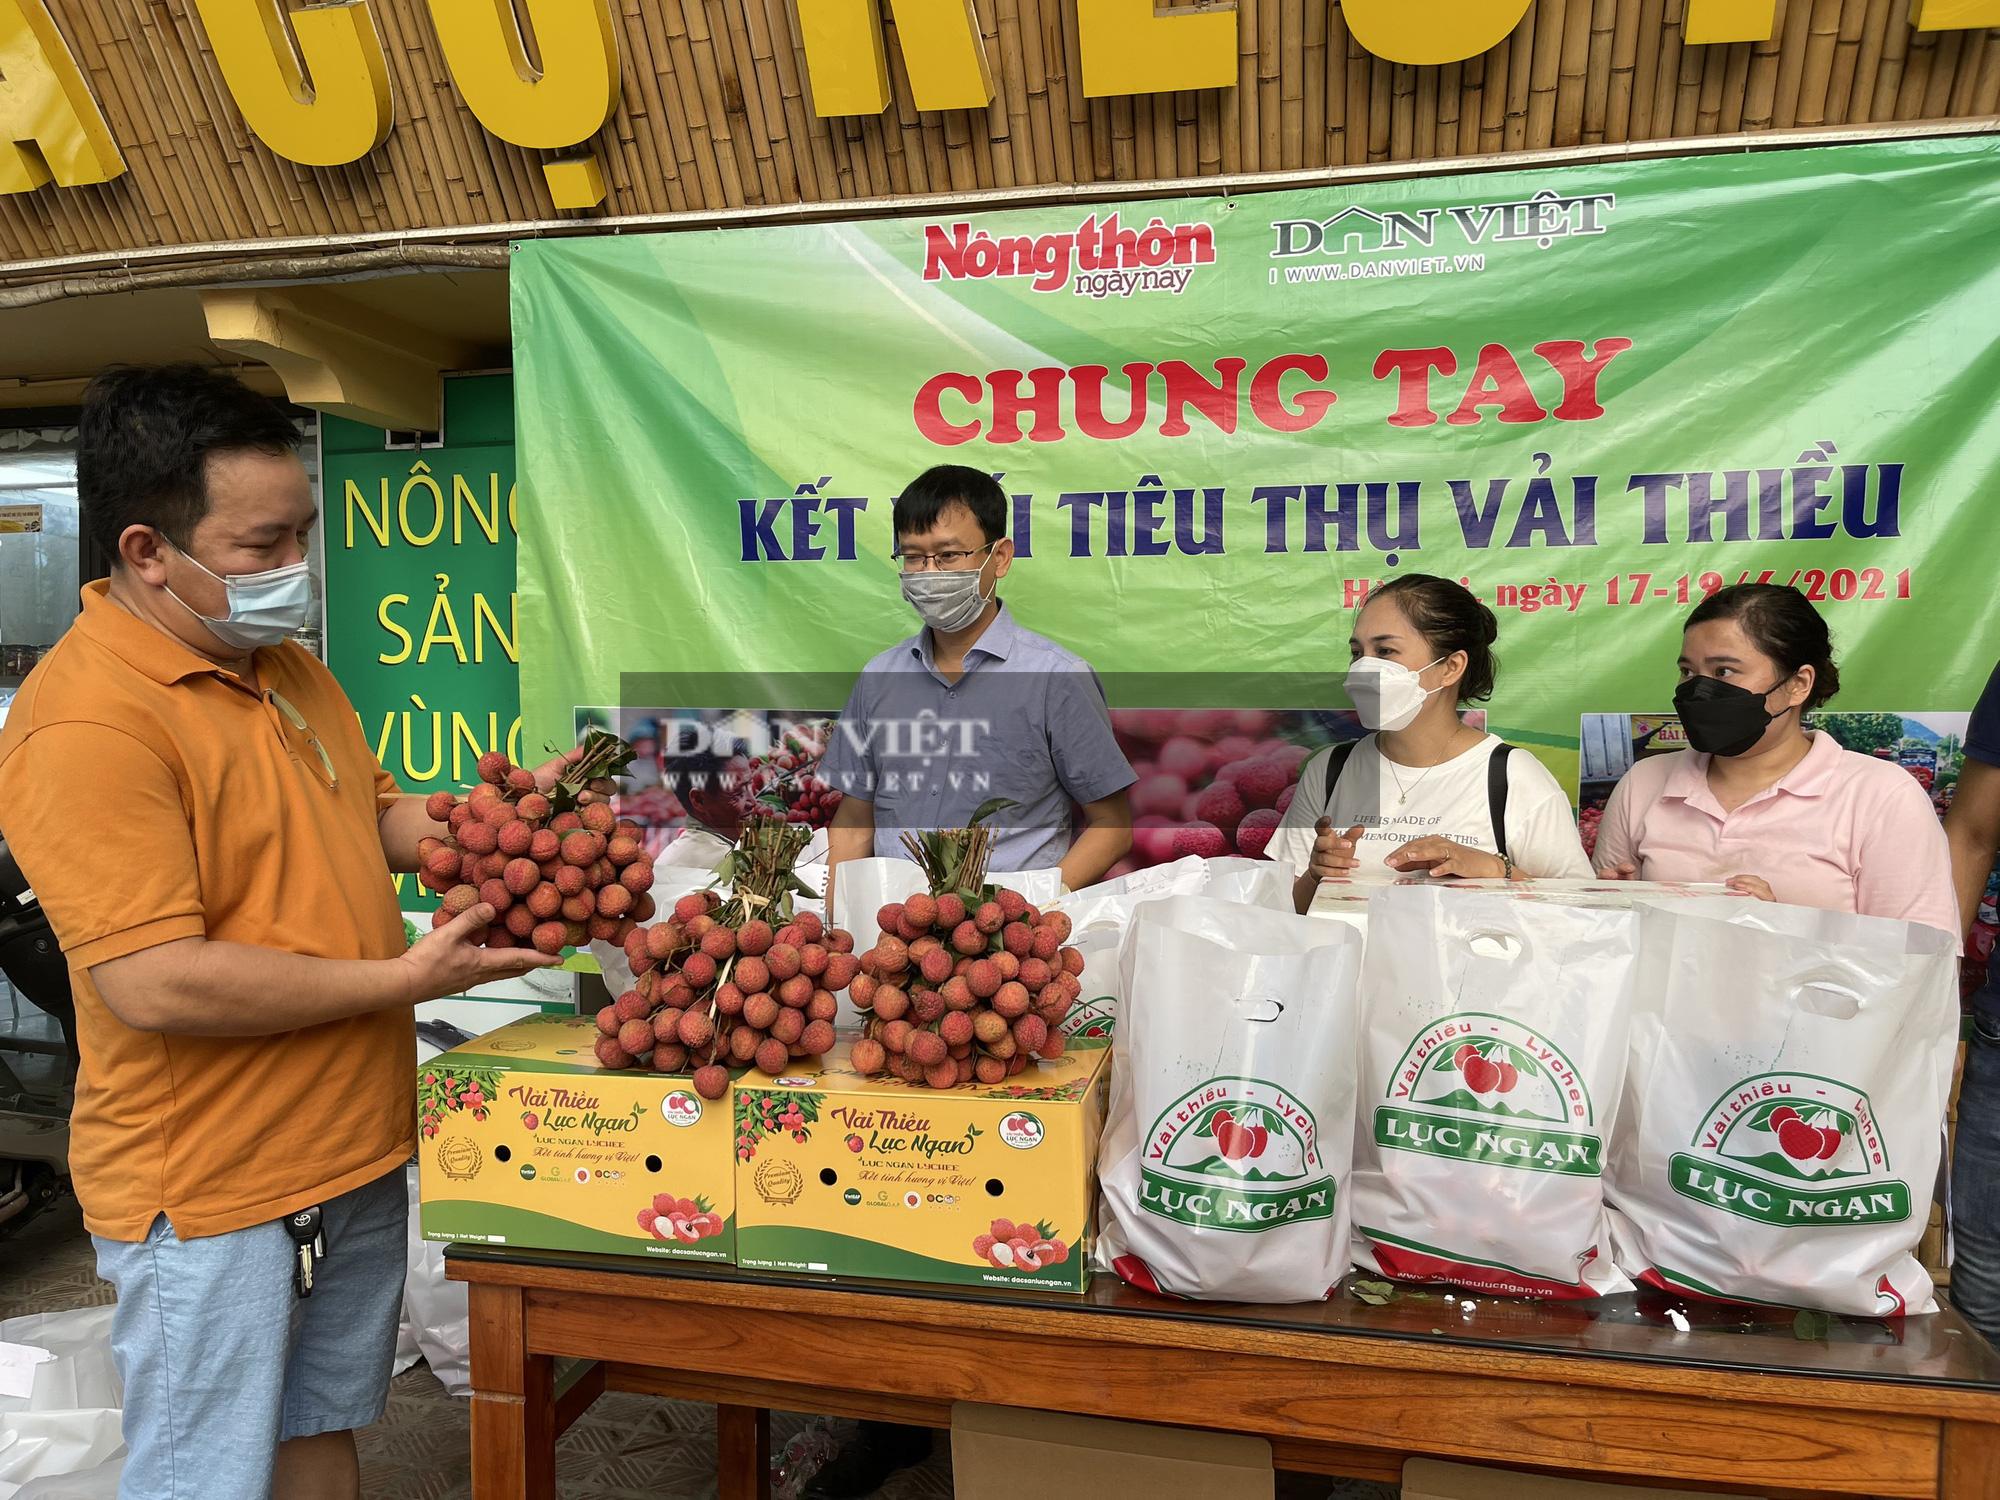 Vải thiều Lục Ngạn đã có mặt tại Trung tâm kết nối tiêu thụ nông sản Báo NTNN/ Điện tử Dân Việt - Ảnh 5.